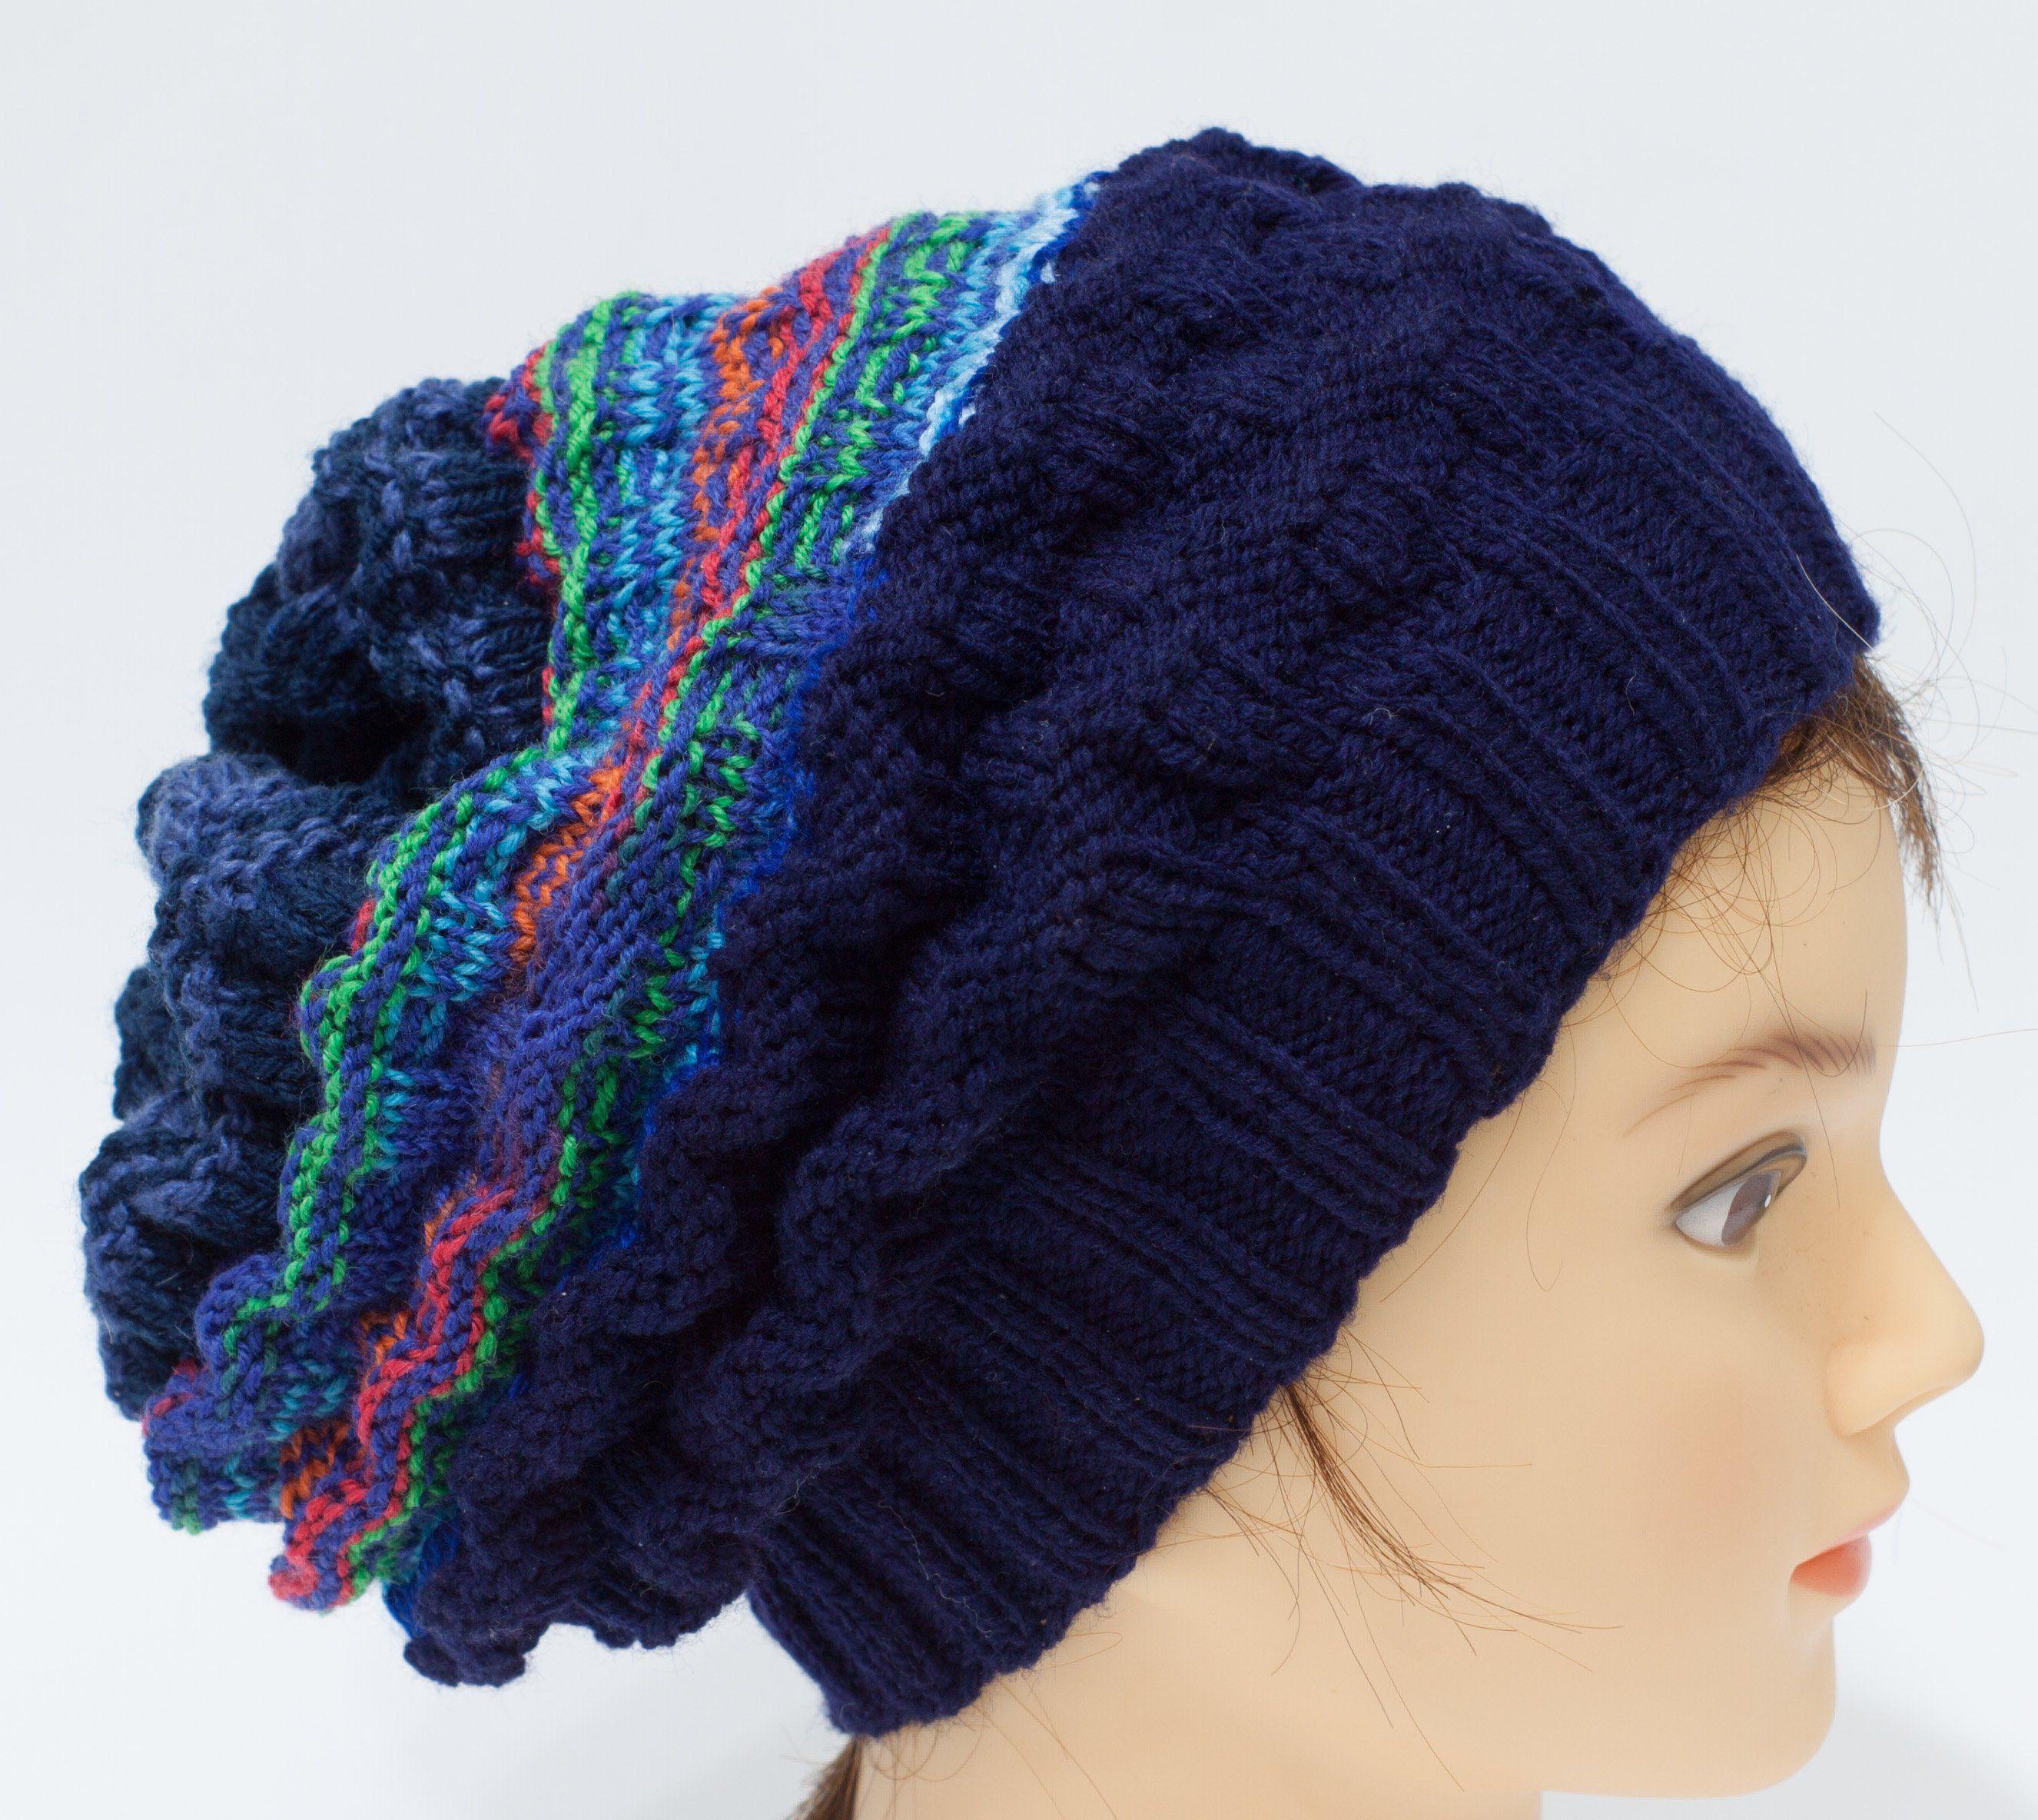 103ec606673 ... hat -. Czapka smerf, granatowa, slouchy, dla chłopaka, kolorowa czapka,  męska czapka, niebieska, chłopięca